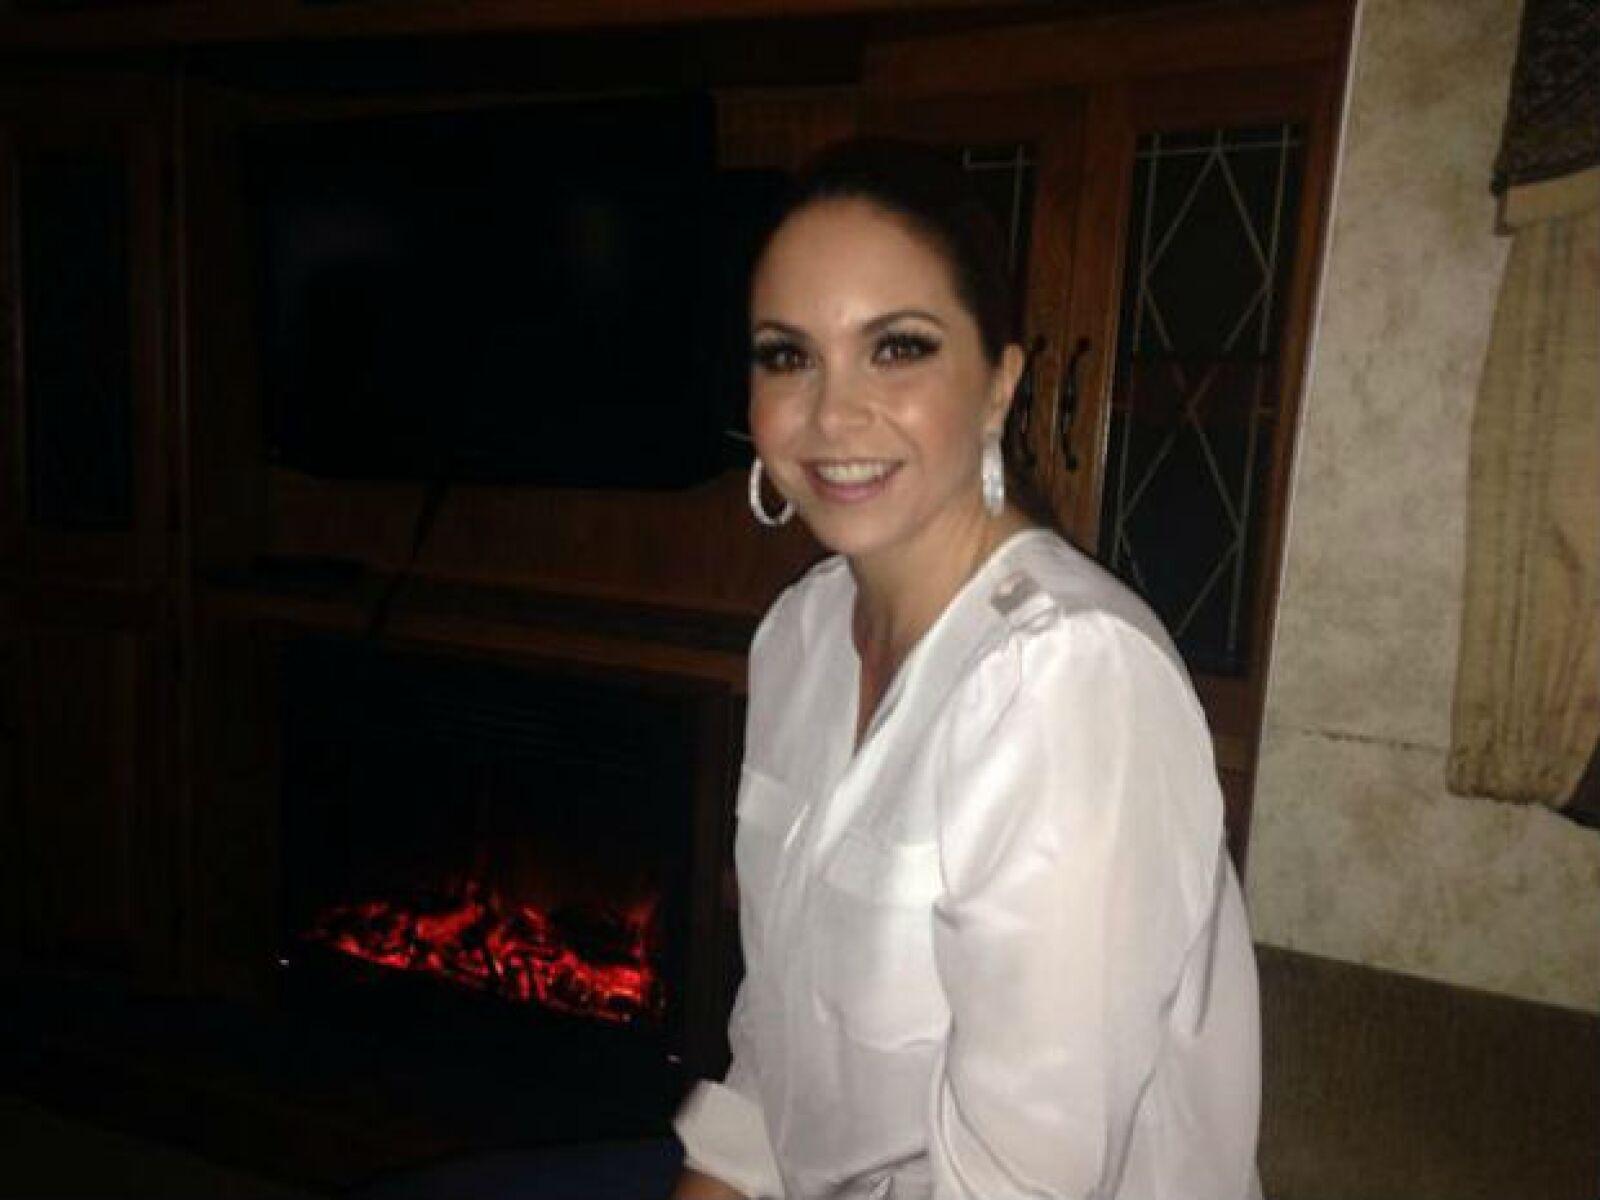 Con esta foto Lucero anunció su alegría por cantar anoche en el Zócalo.